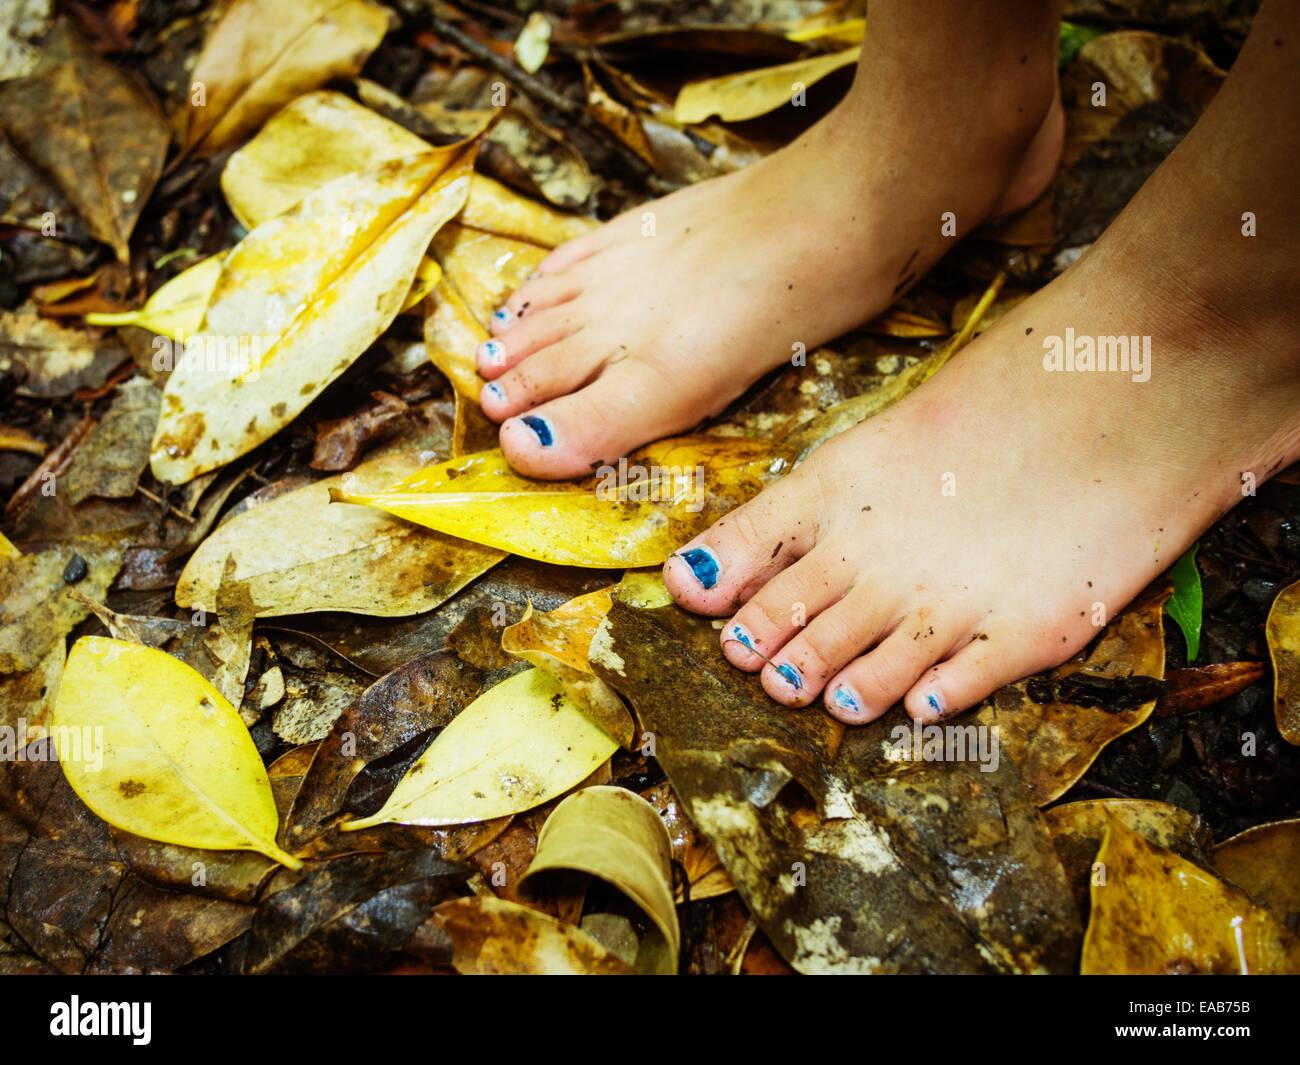 A piedi nudi sulla caduta foglie. Immagini Stock